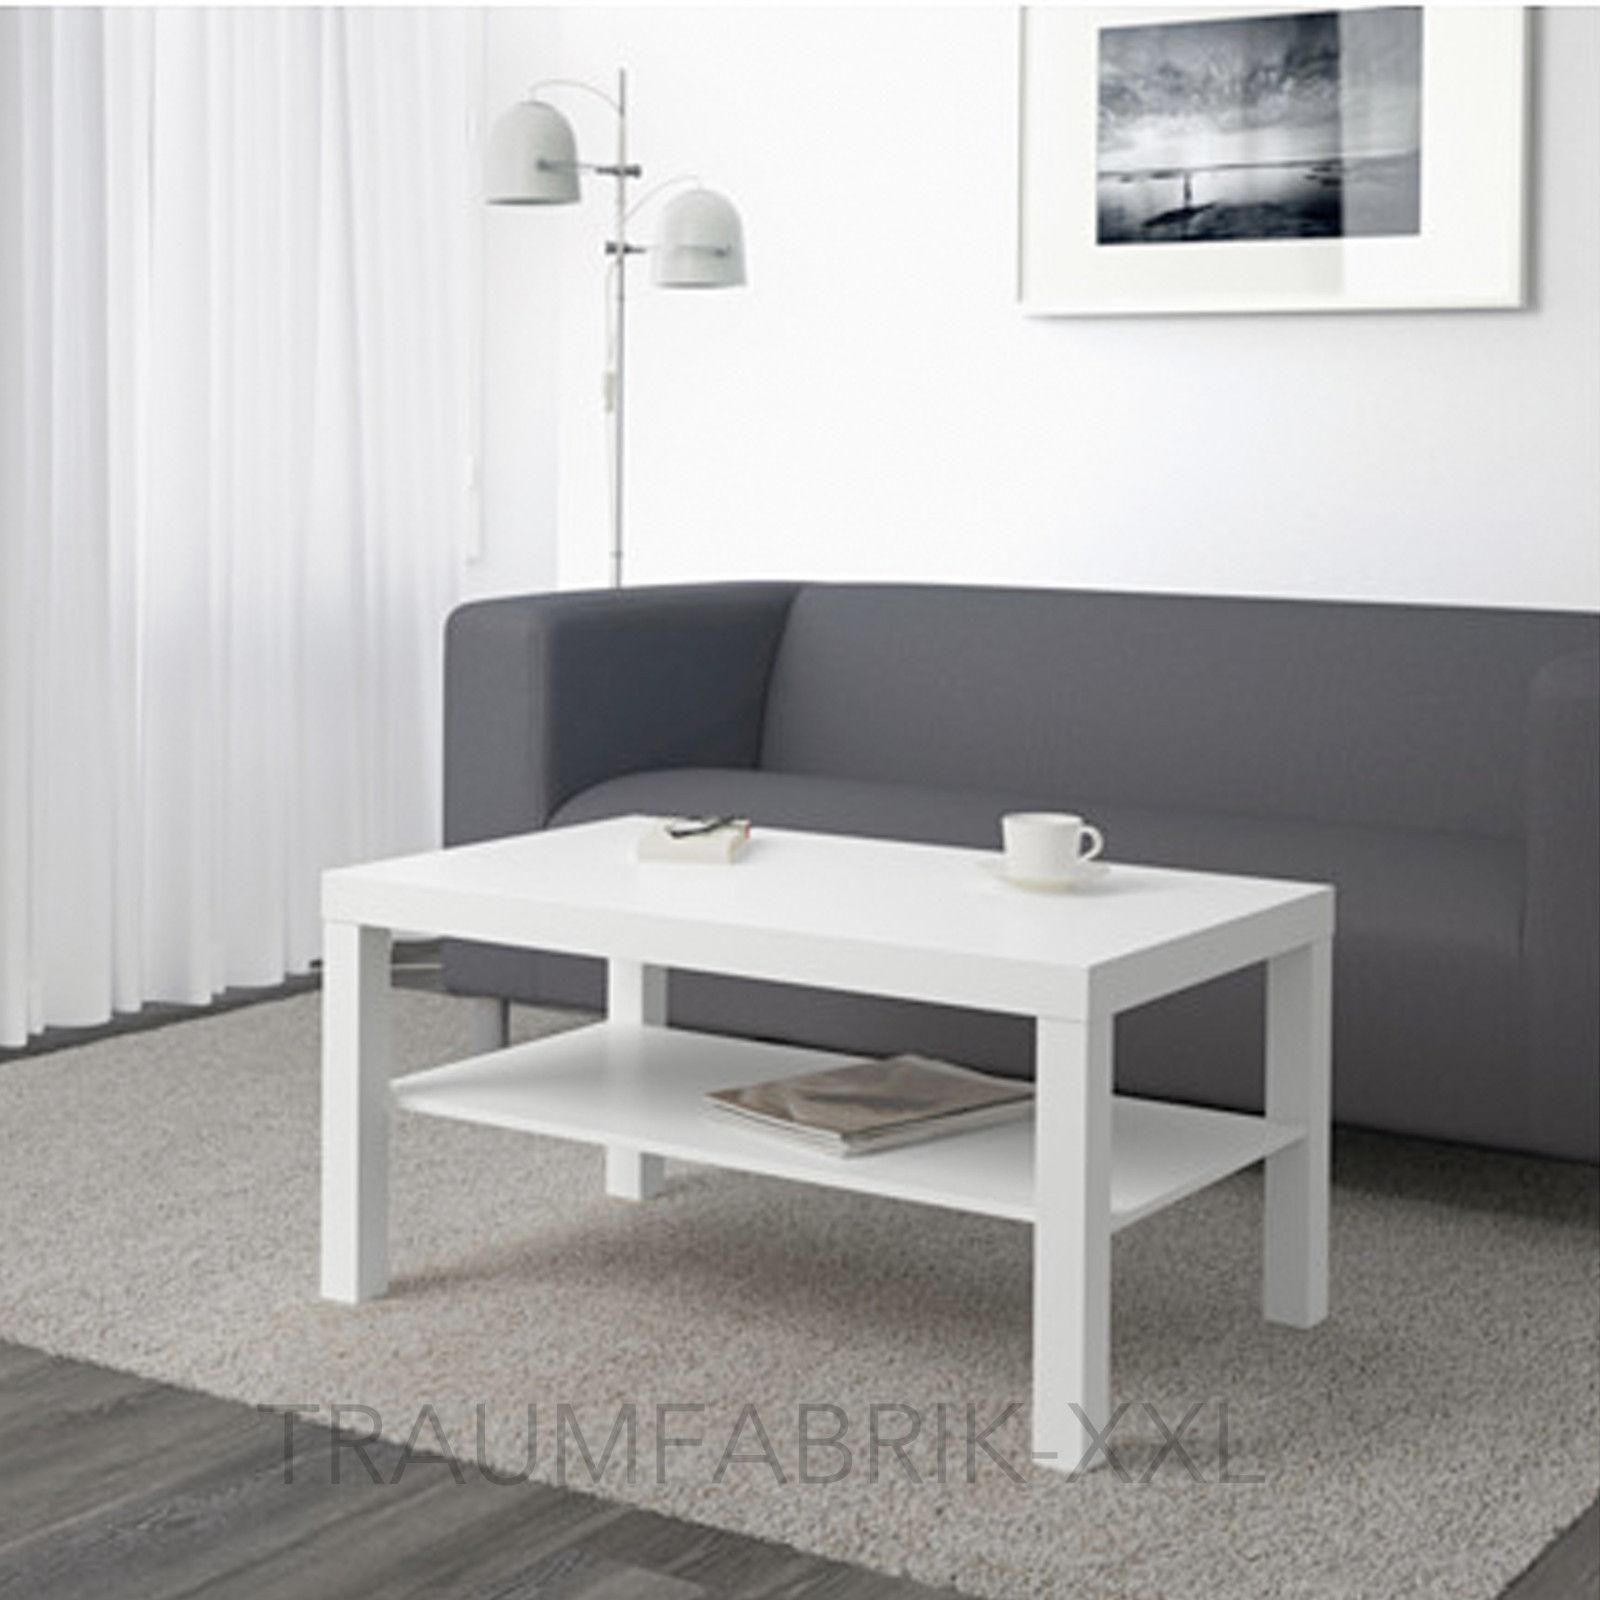 Couchtisch ikea lack  Ikea Lack Beistelltisch 90×55 cm Weiß Sofatisch Couchtisch ...